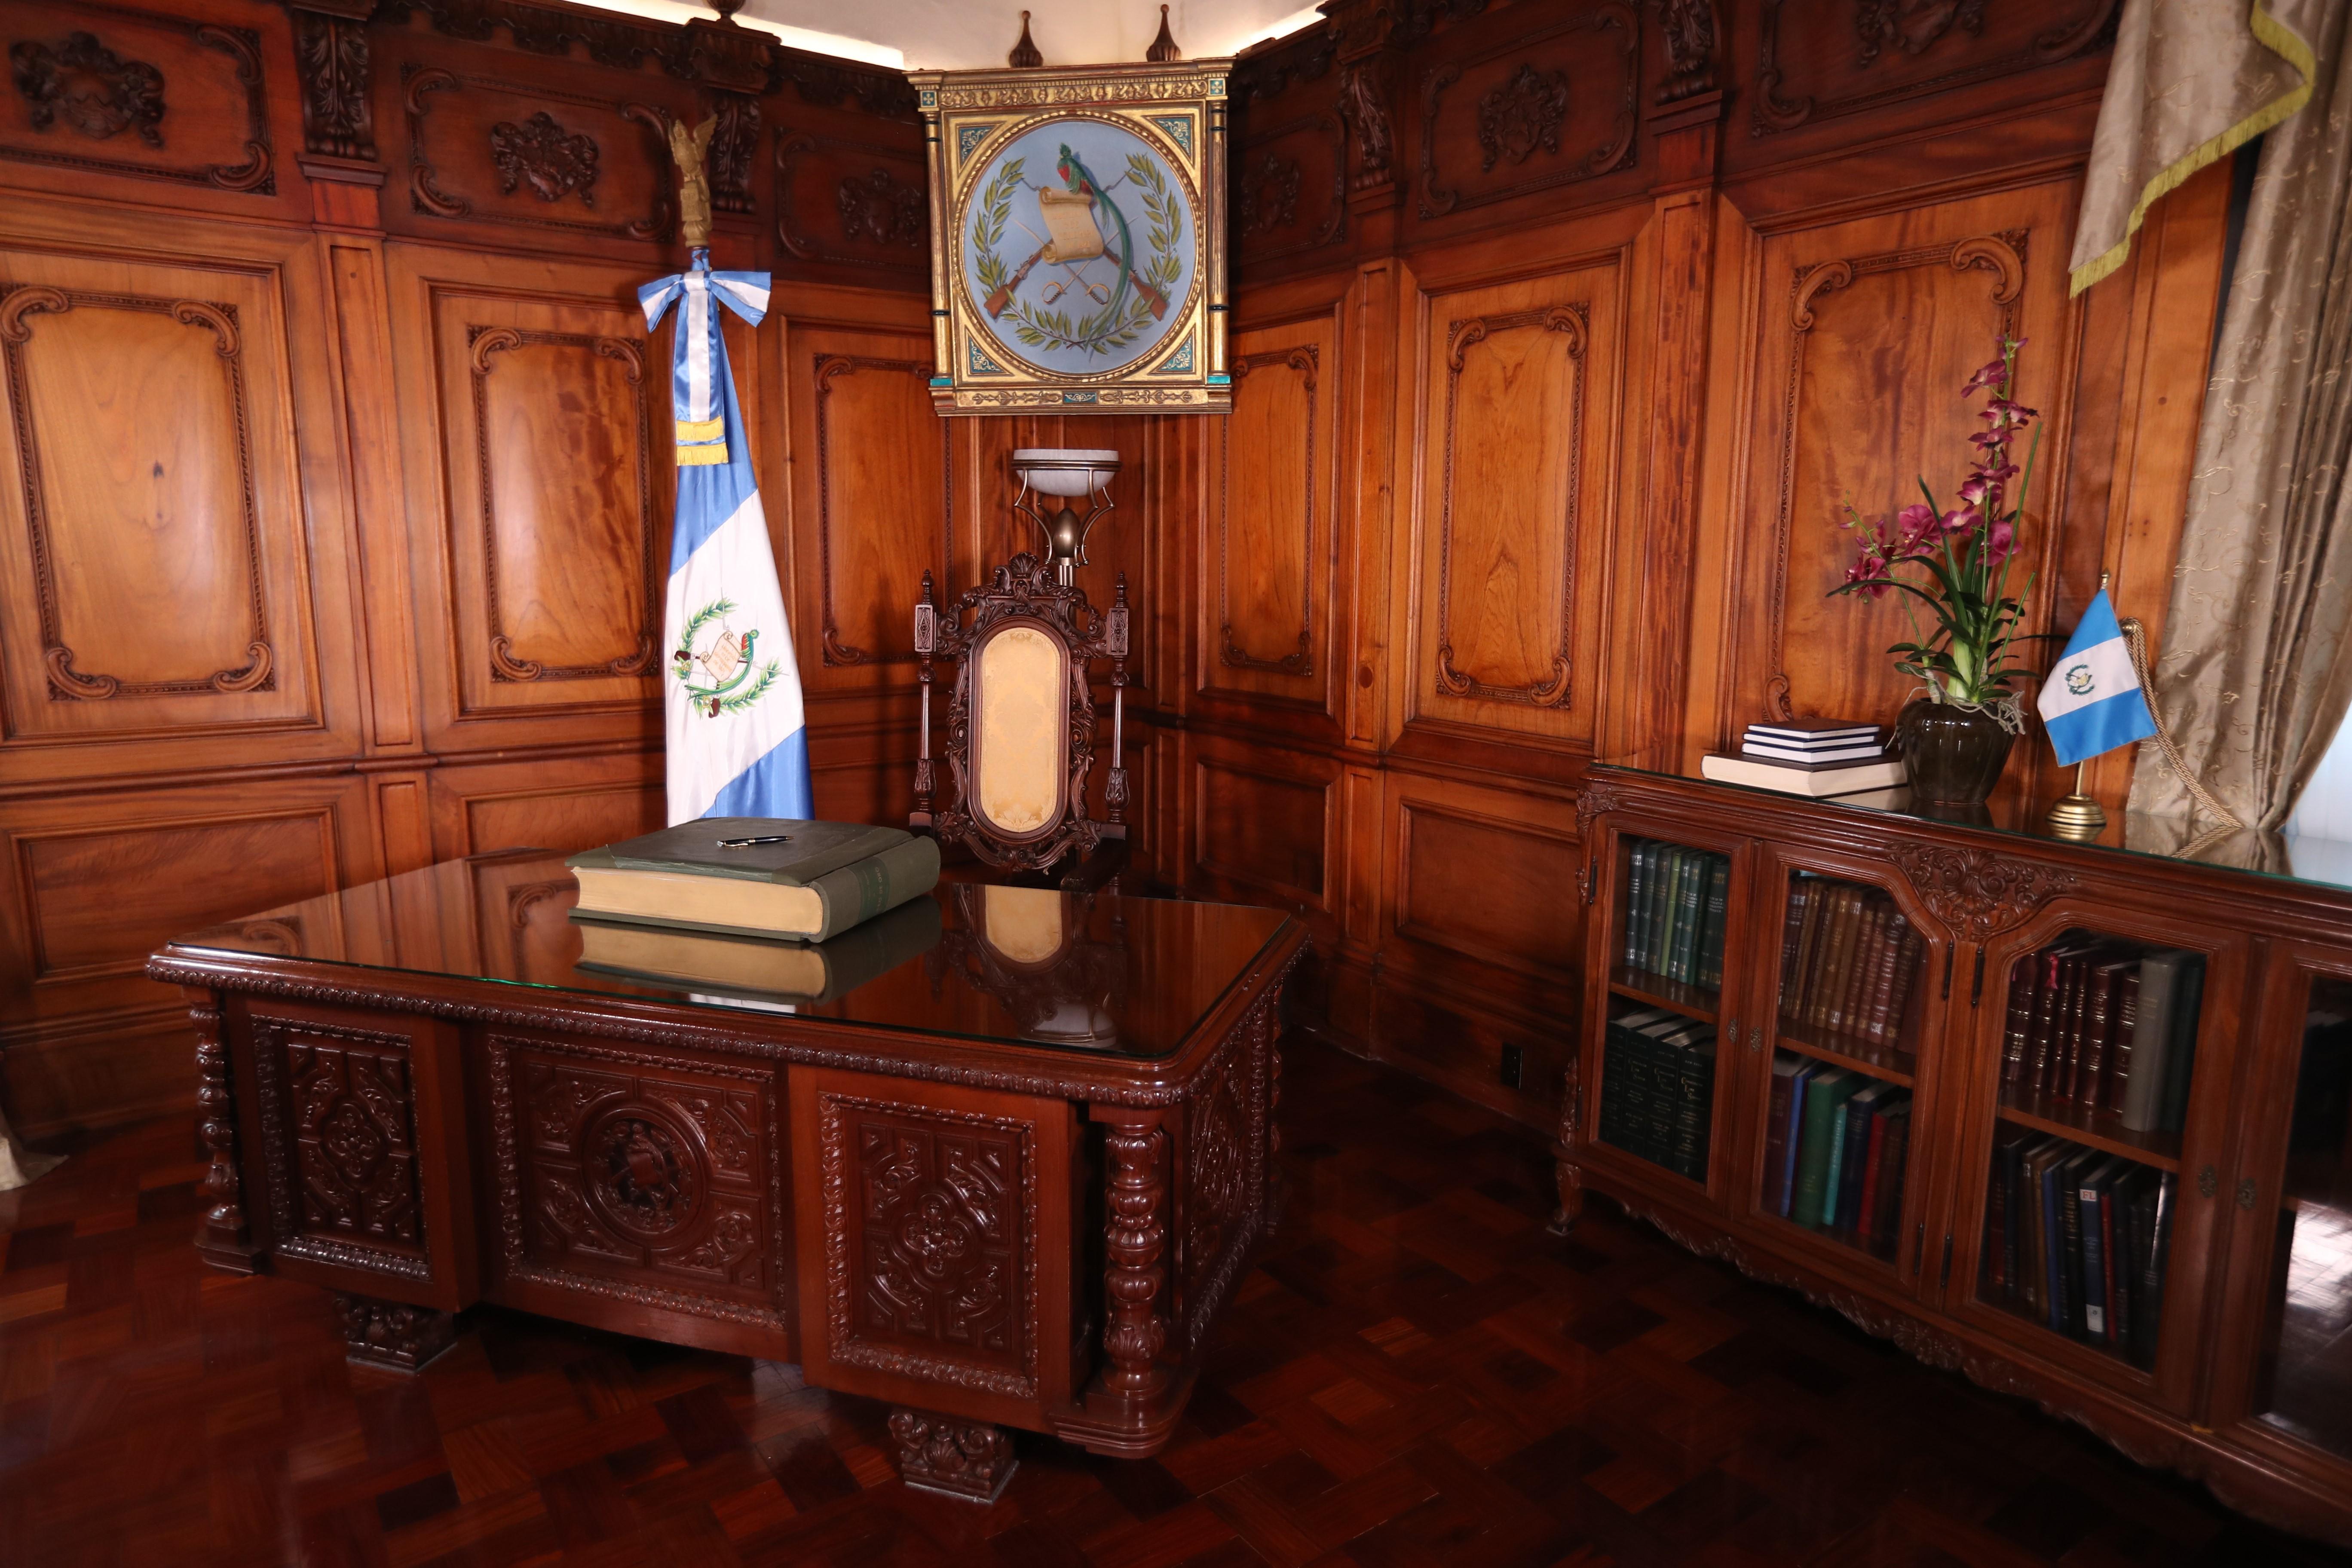 La silla presidencial es buscada por 24 binomios presidenciales. (Foto Prensa Libre: Esbin García)